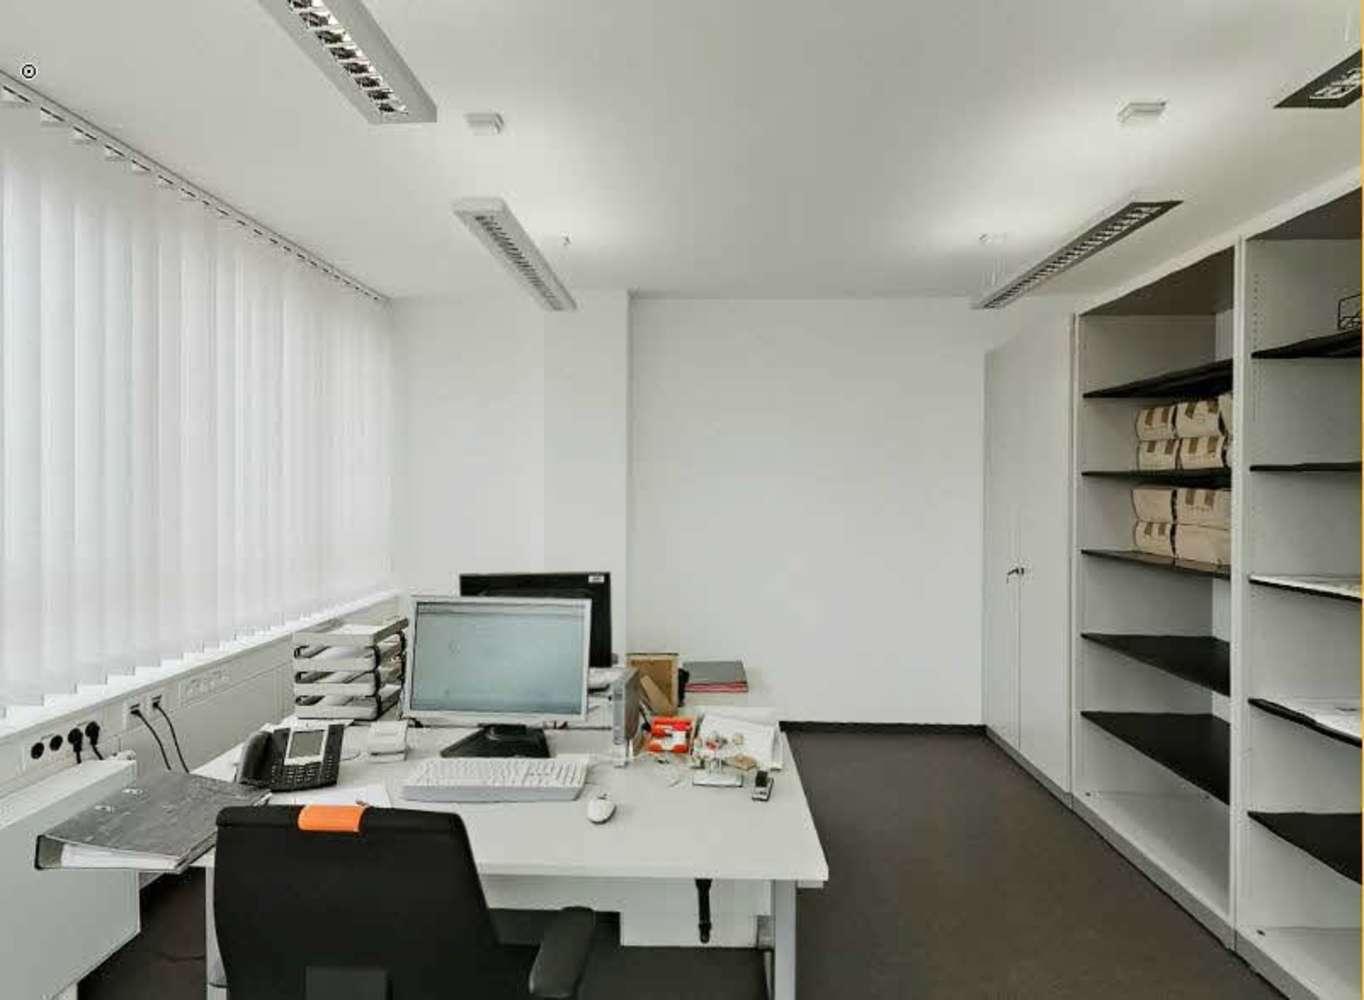 Büros Frankfurt am main, 60313 - Büro - Frankfurt am Main, Innenstadt - F0741 - 10043863